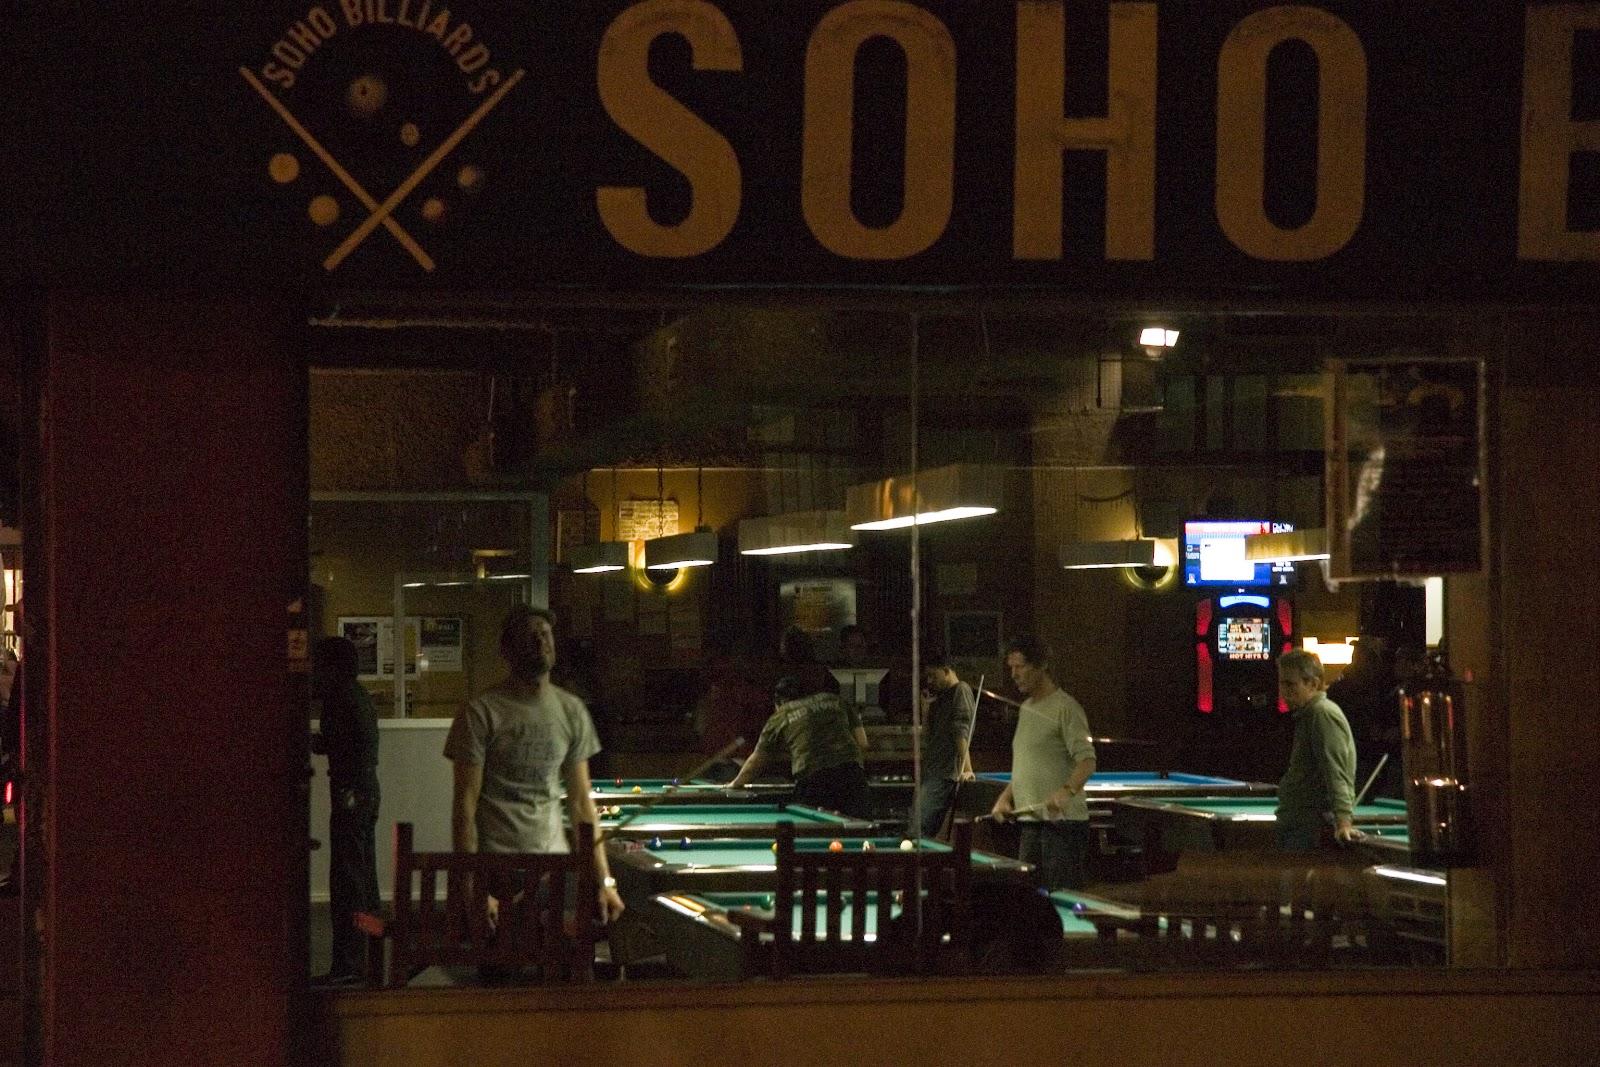 Billares en el Soho, New York